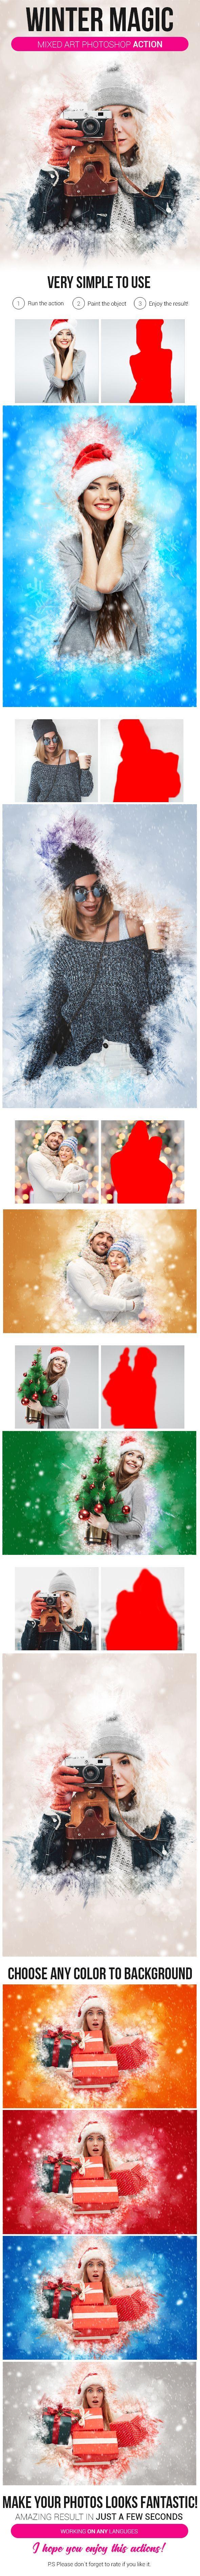 Asombroso Acción Photoshop Marco Polaroid Foto - Ideas ...